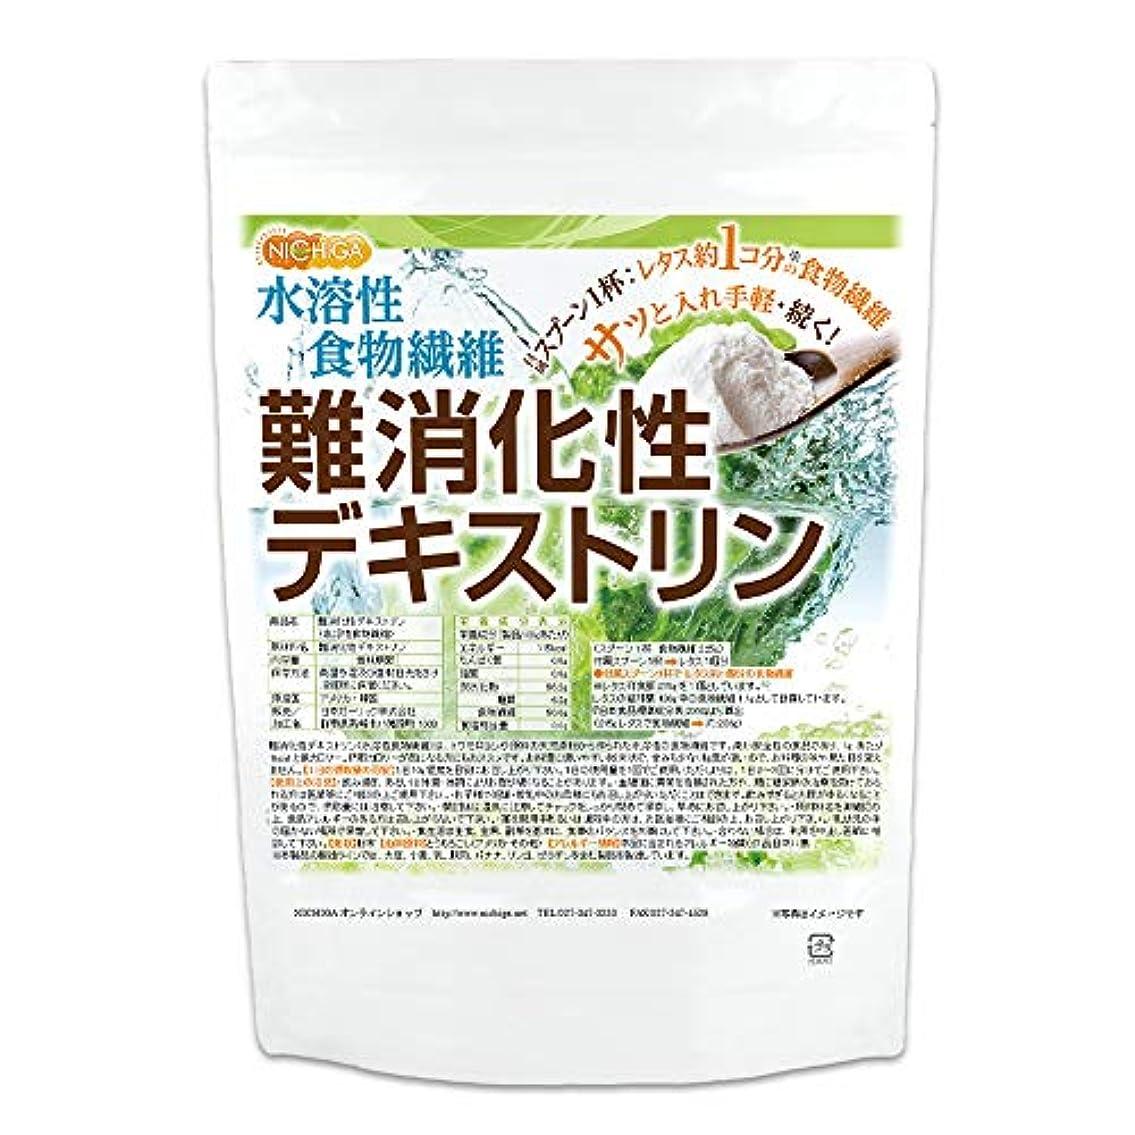 ピザチャレンジ護衛難消化性デキストリン 500g 製品のリニューアル致しました 水溶性食物繊維 [01] NICHIGA(ニチガ) 付属のスプーン1杯2.5gで、約レタス1個分の食物繊維